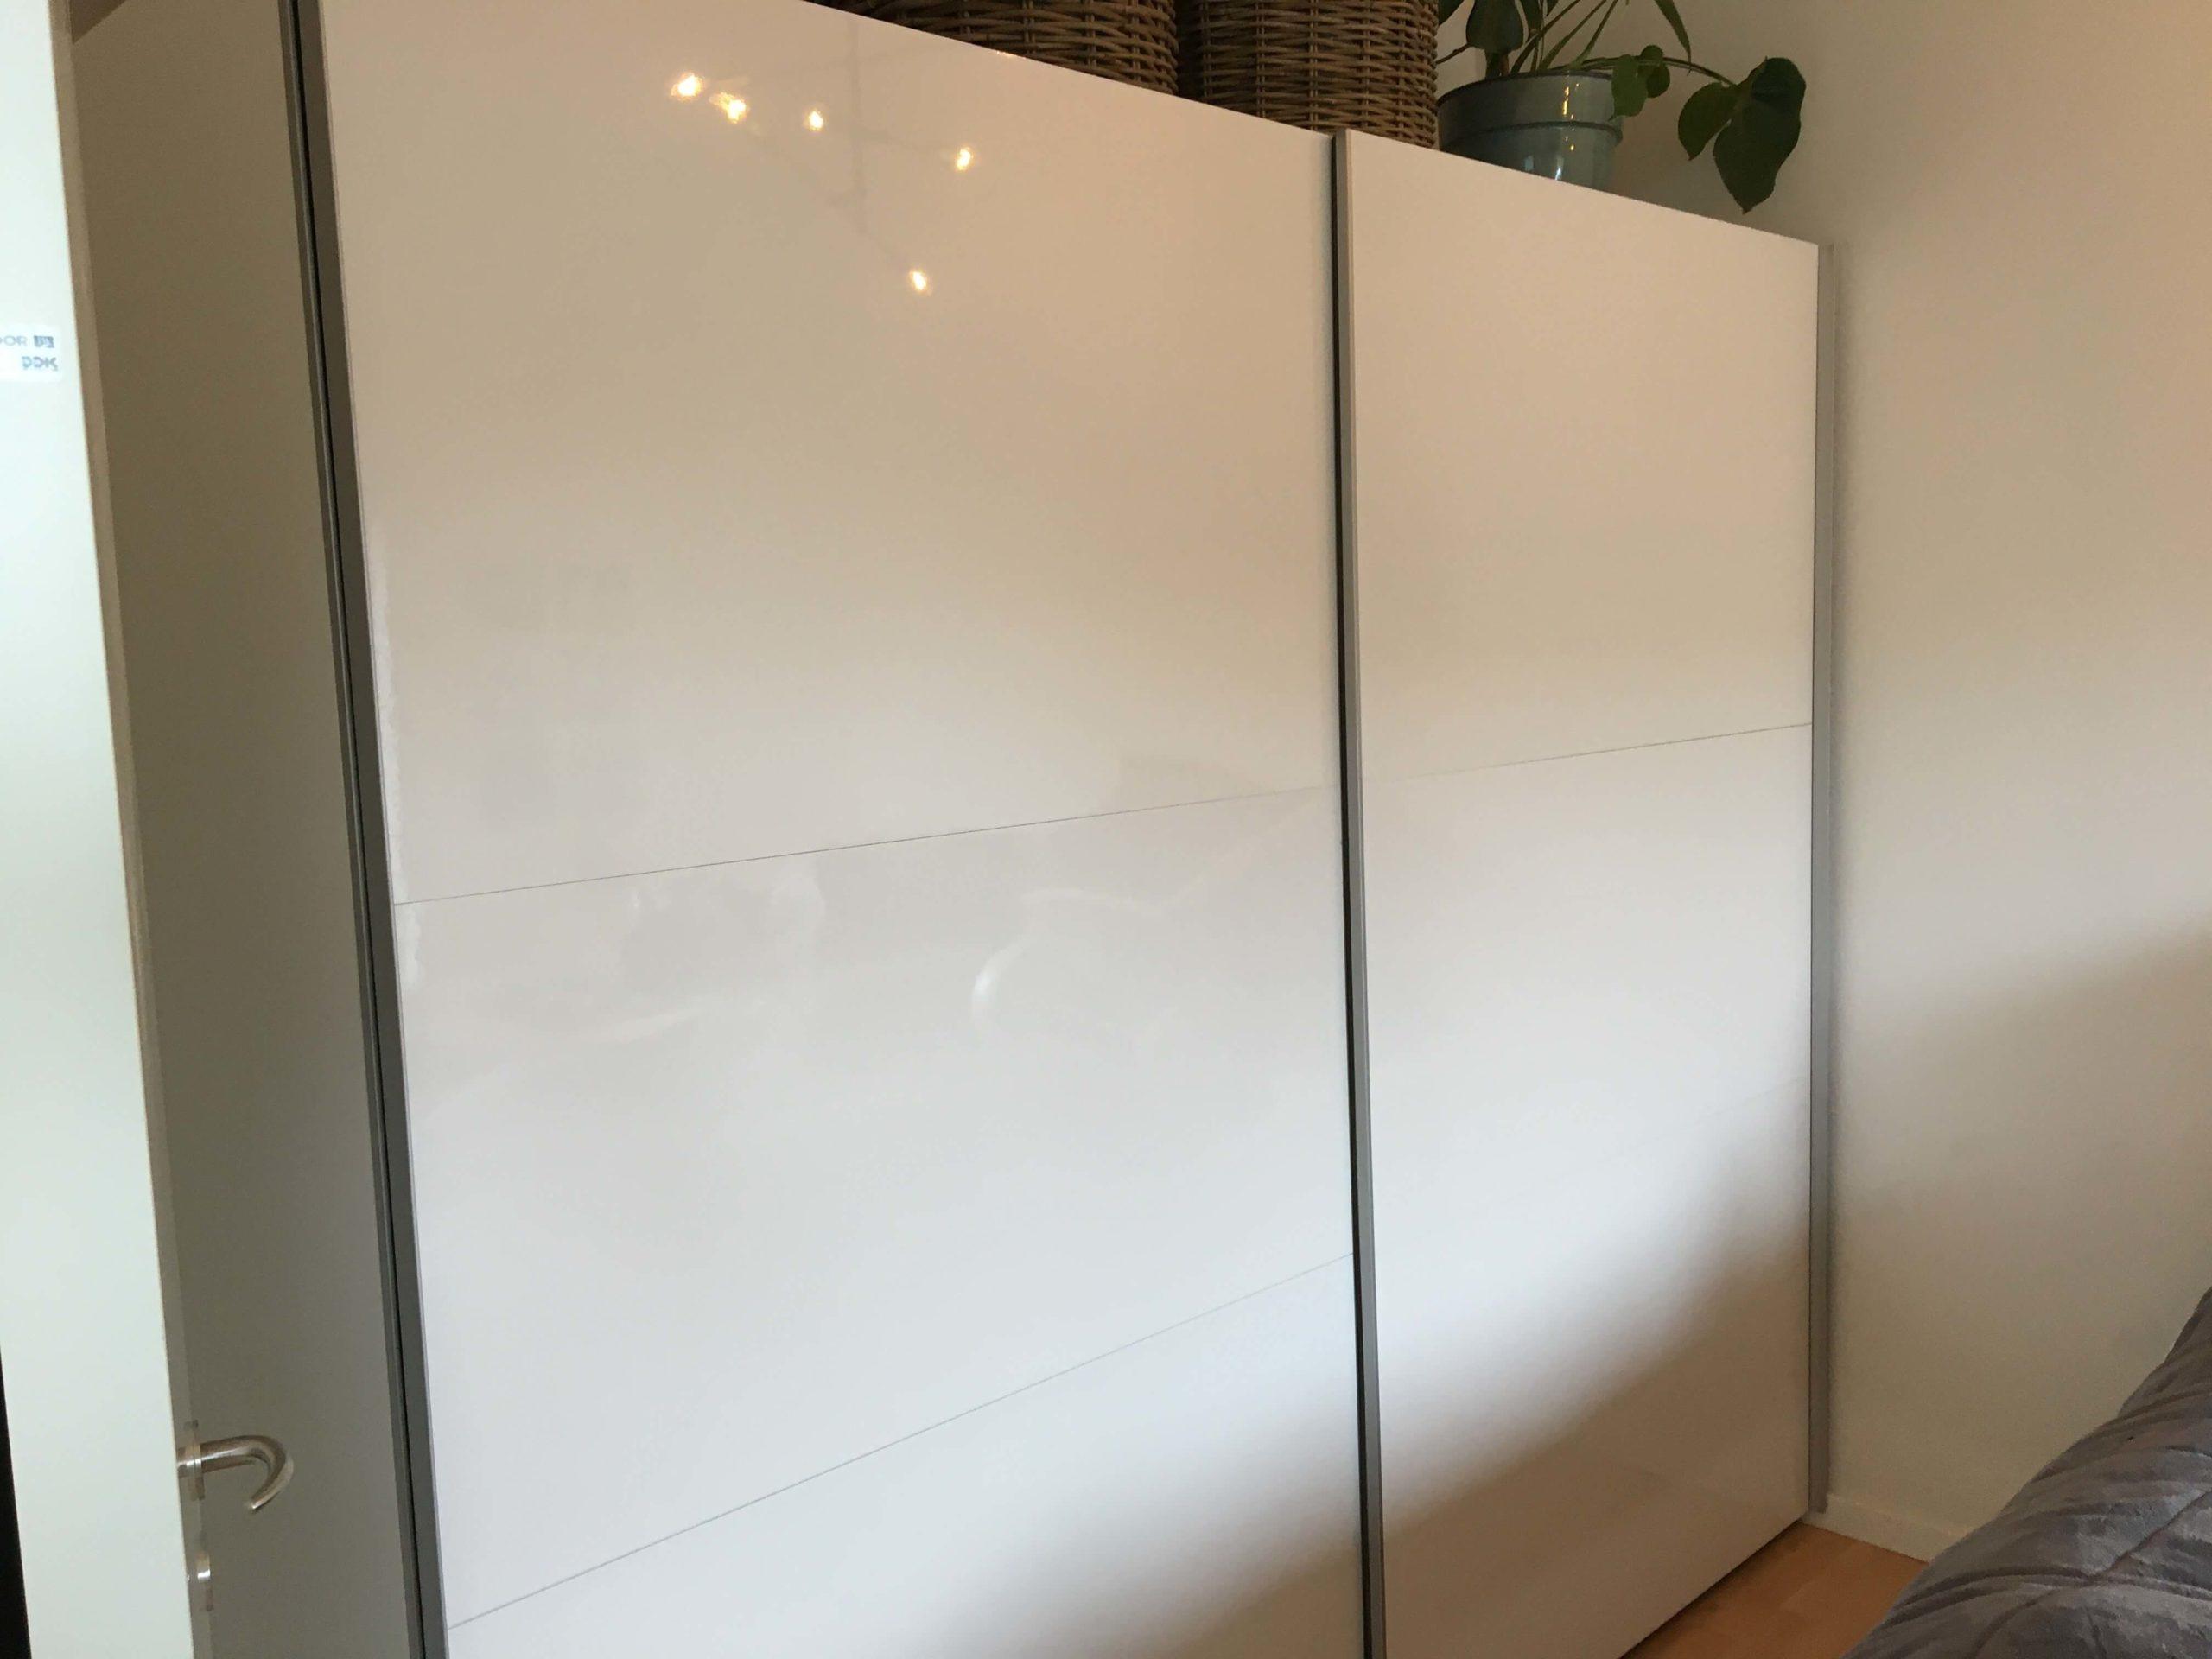 Samling Af Ilva Save Garderobeskab Med Skydedore 250cmx220cm Homesetup Dk